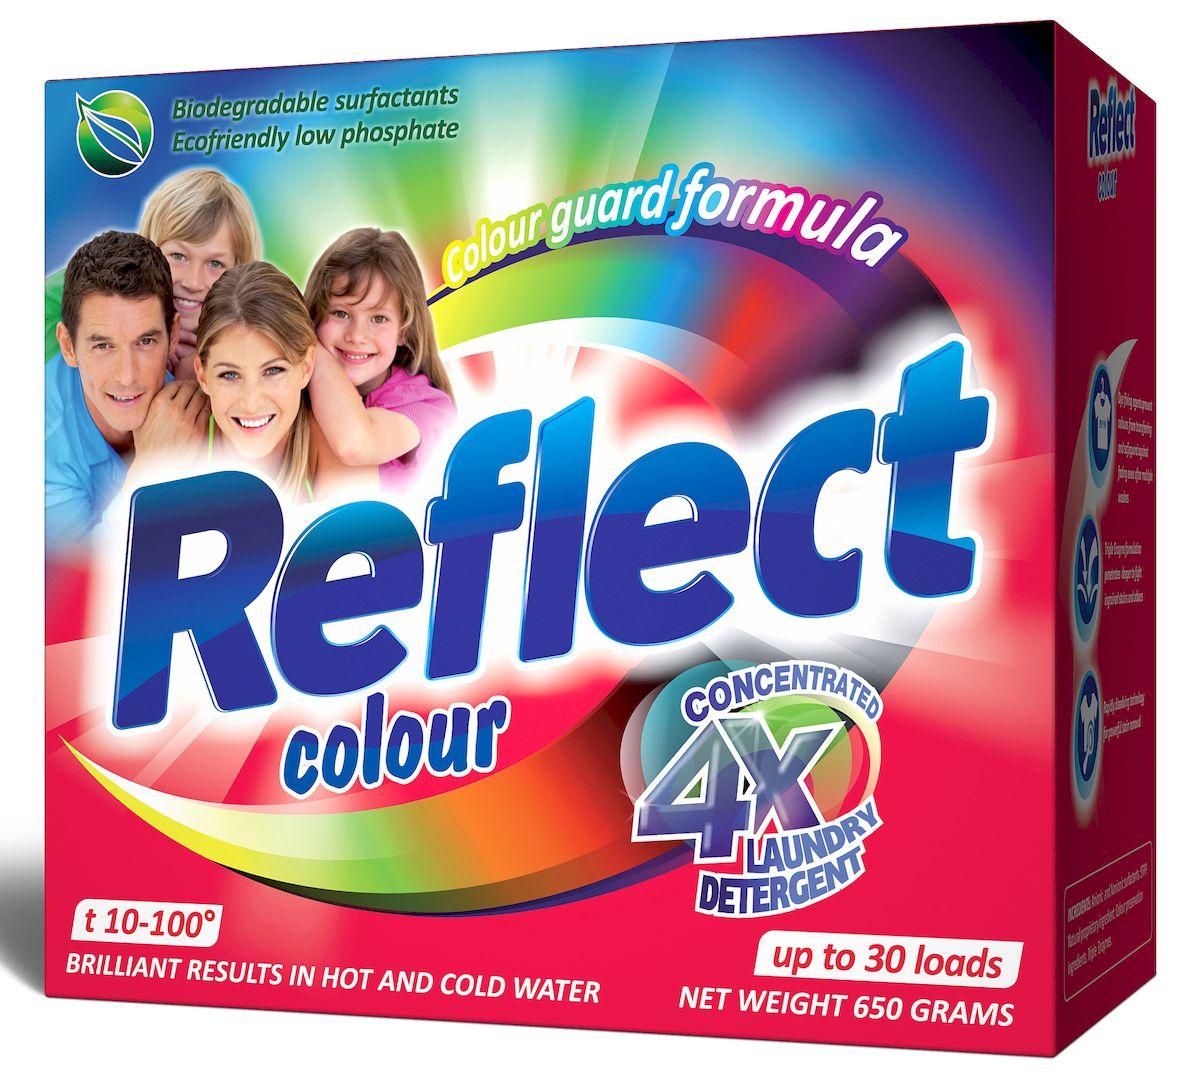 Стиральный порошок Reflect Colour, концентрированный, для цветных и темных тканей, 650 г15030Концентрированный стиральный порошок Reflect Color предназначен для стирки цветных и темных тканей. Двойная степень защиты цвета сохраняет все краски цветного и темного белья, защищает от ультрафиолета. Особенности порошка Reflect Color: - обладает высокой моющей способностью в широком диапазоне температур (10°C-100°C), - предупреждает образование накипи на водонагревательном элементе, - удаляет пятна и загрязнения различного происхождения, не повреждая структуру ткани, - в состав входит энзим (антипиллинг), который предотвращает образование ворсистости на ткани, - подходит для всех типов ткани, кроме шерсти и шелка, - универсальный - для машинной и ручной стирки.Товар сертифицирован.